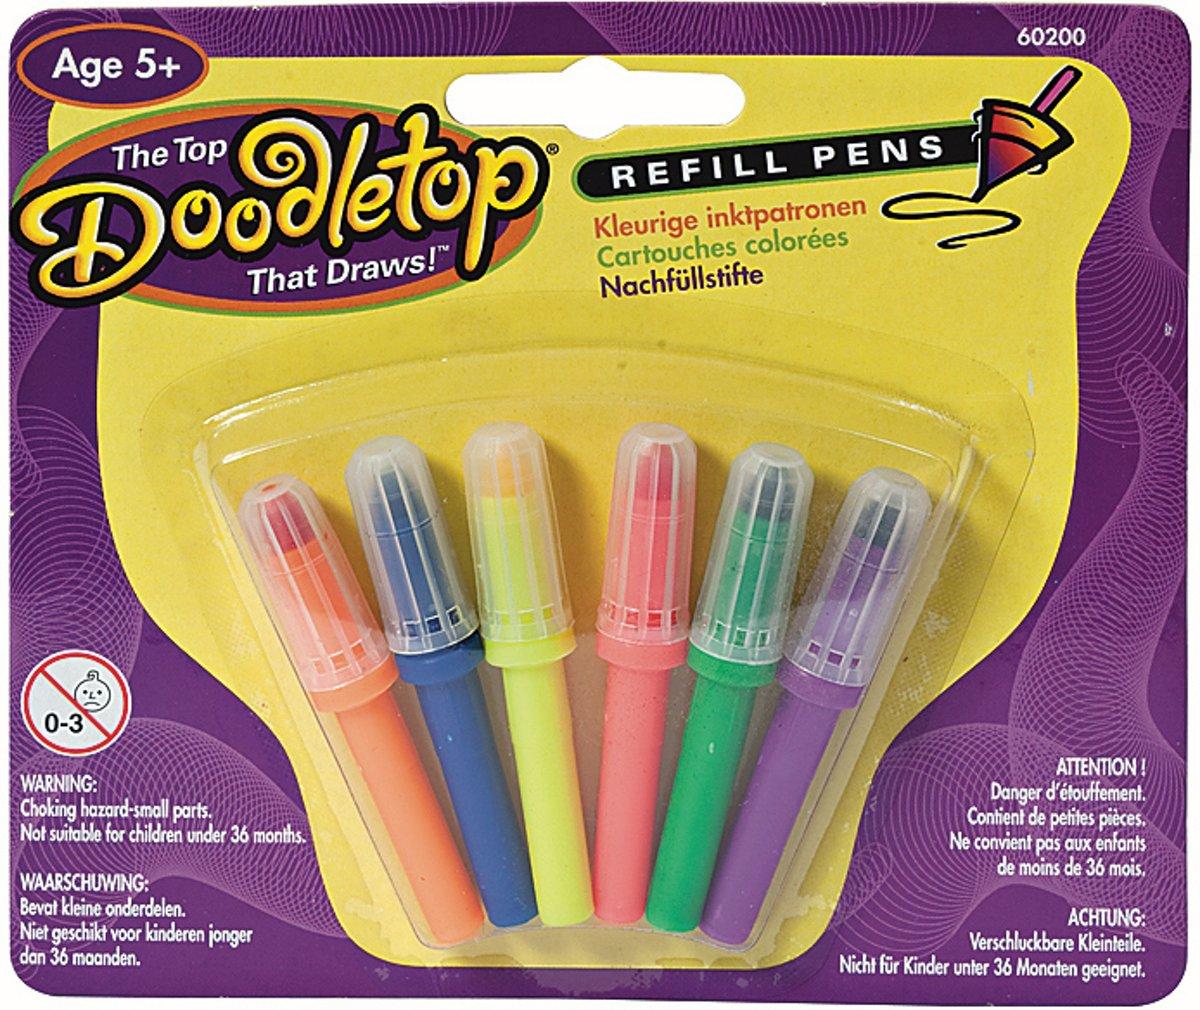 Doodletop Refill pens - Knutselset Kleuren